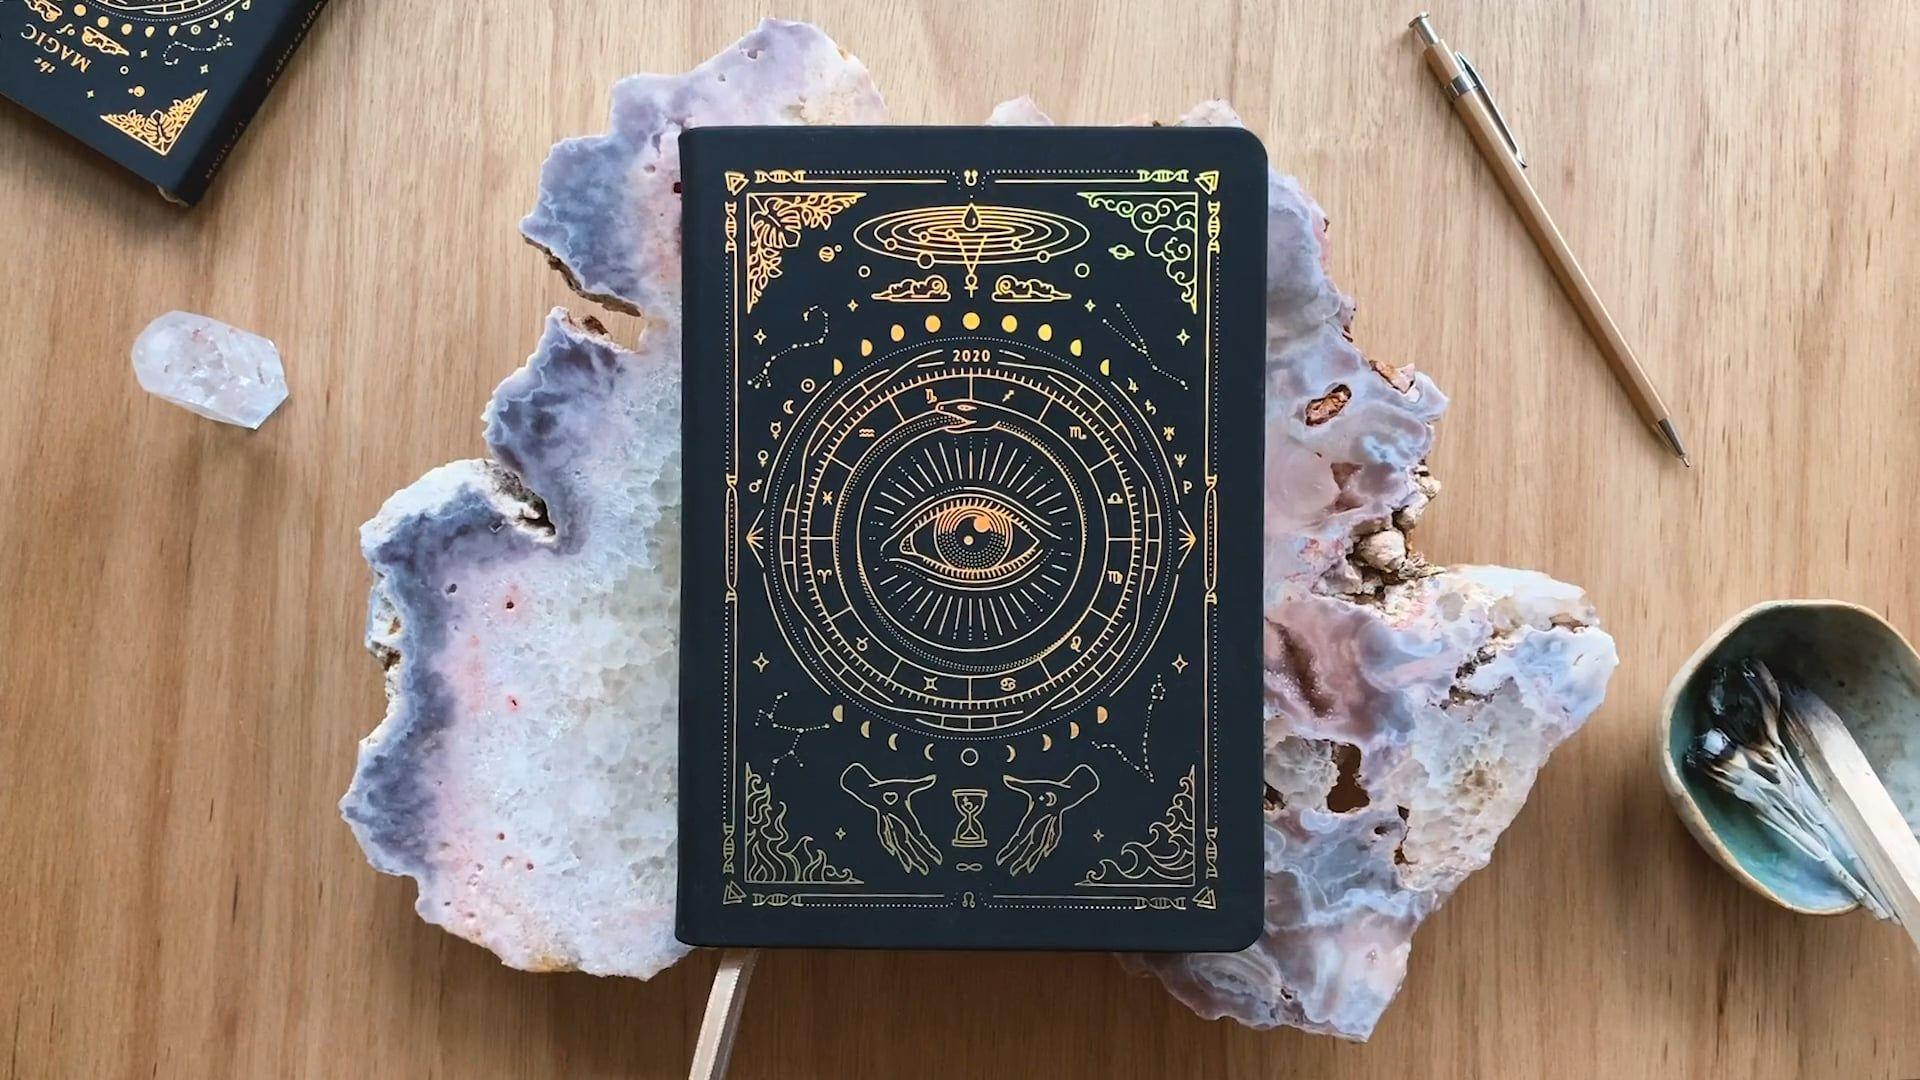 2020 Astrological Planner Astrology calendar, Moon date